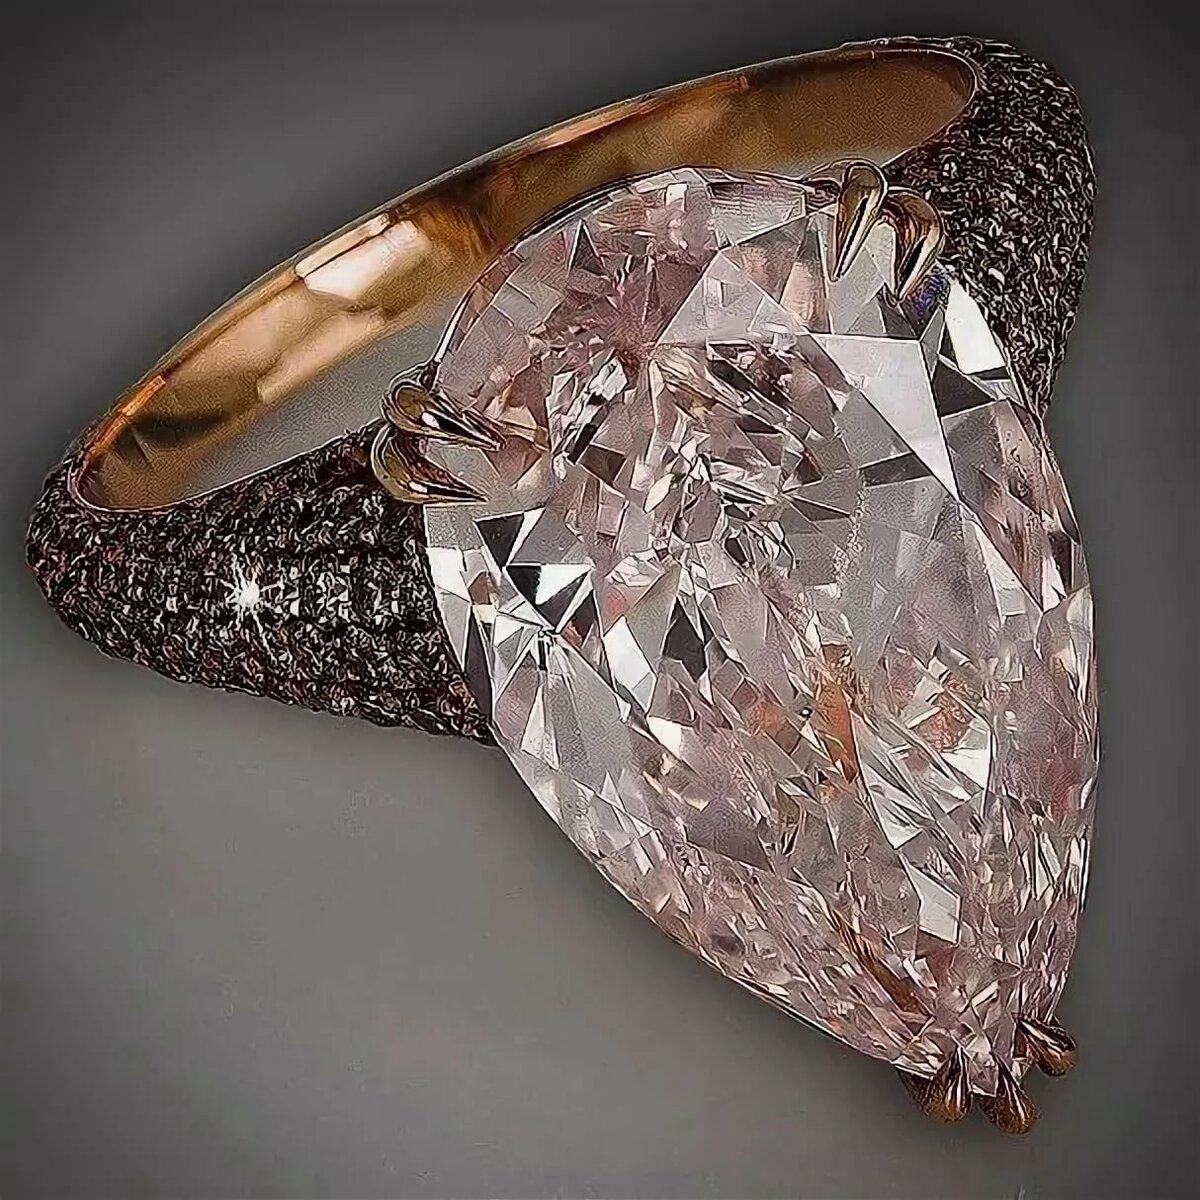 самое дорогое кольцо в мире картинки показать передний план тоже